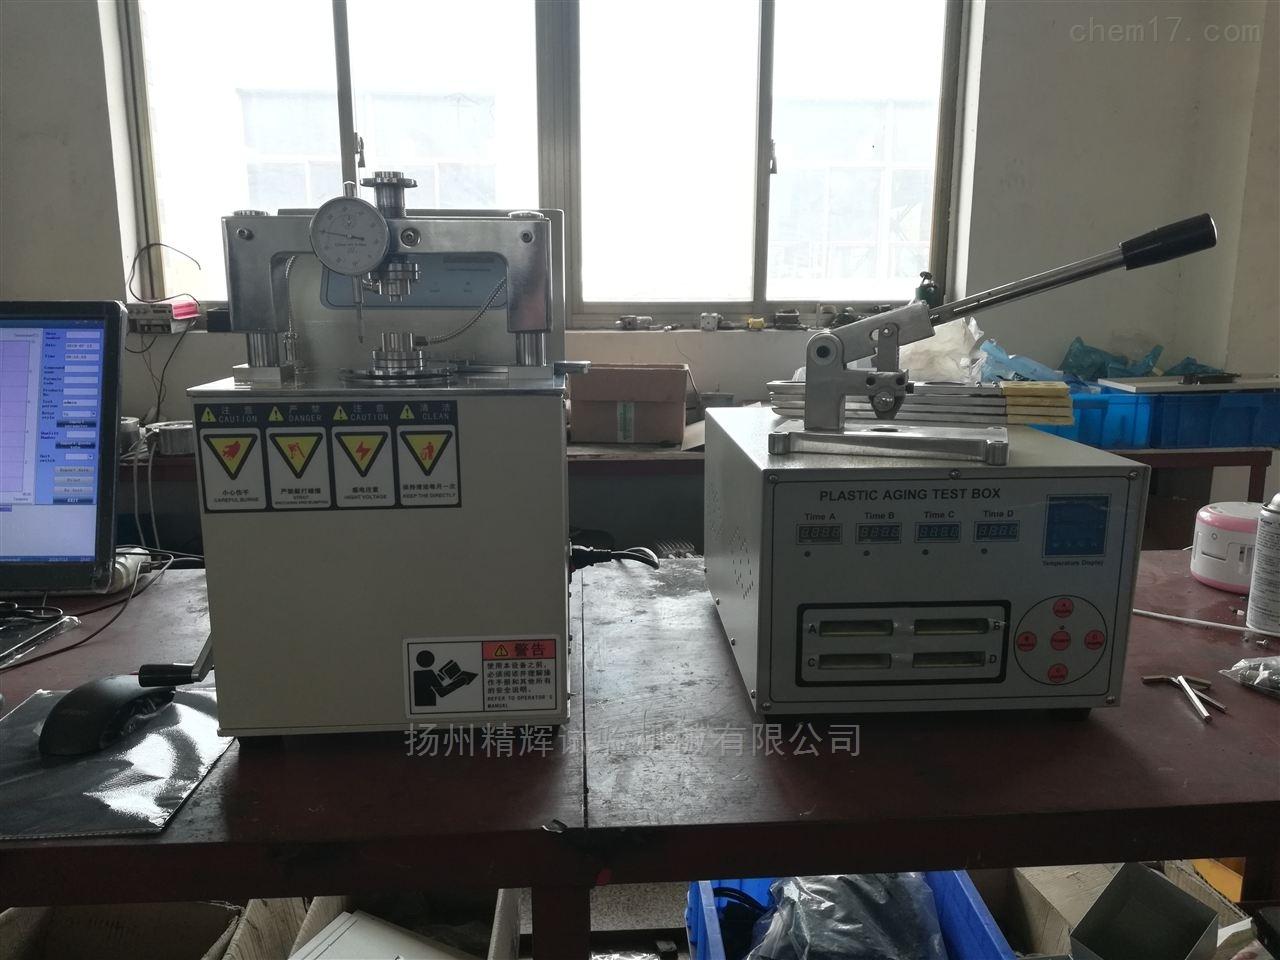 天然胶机械快速塑性计